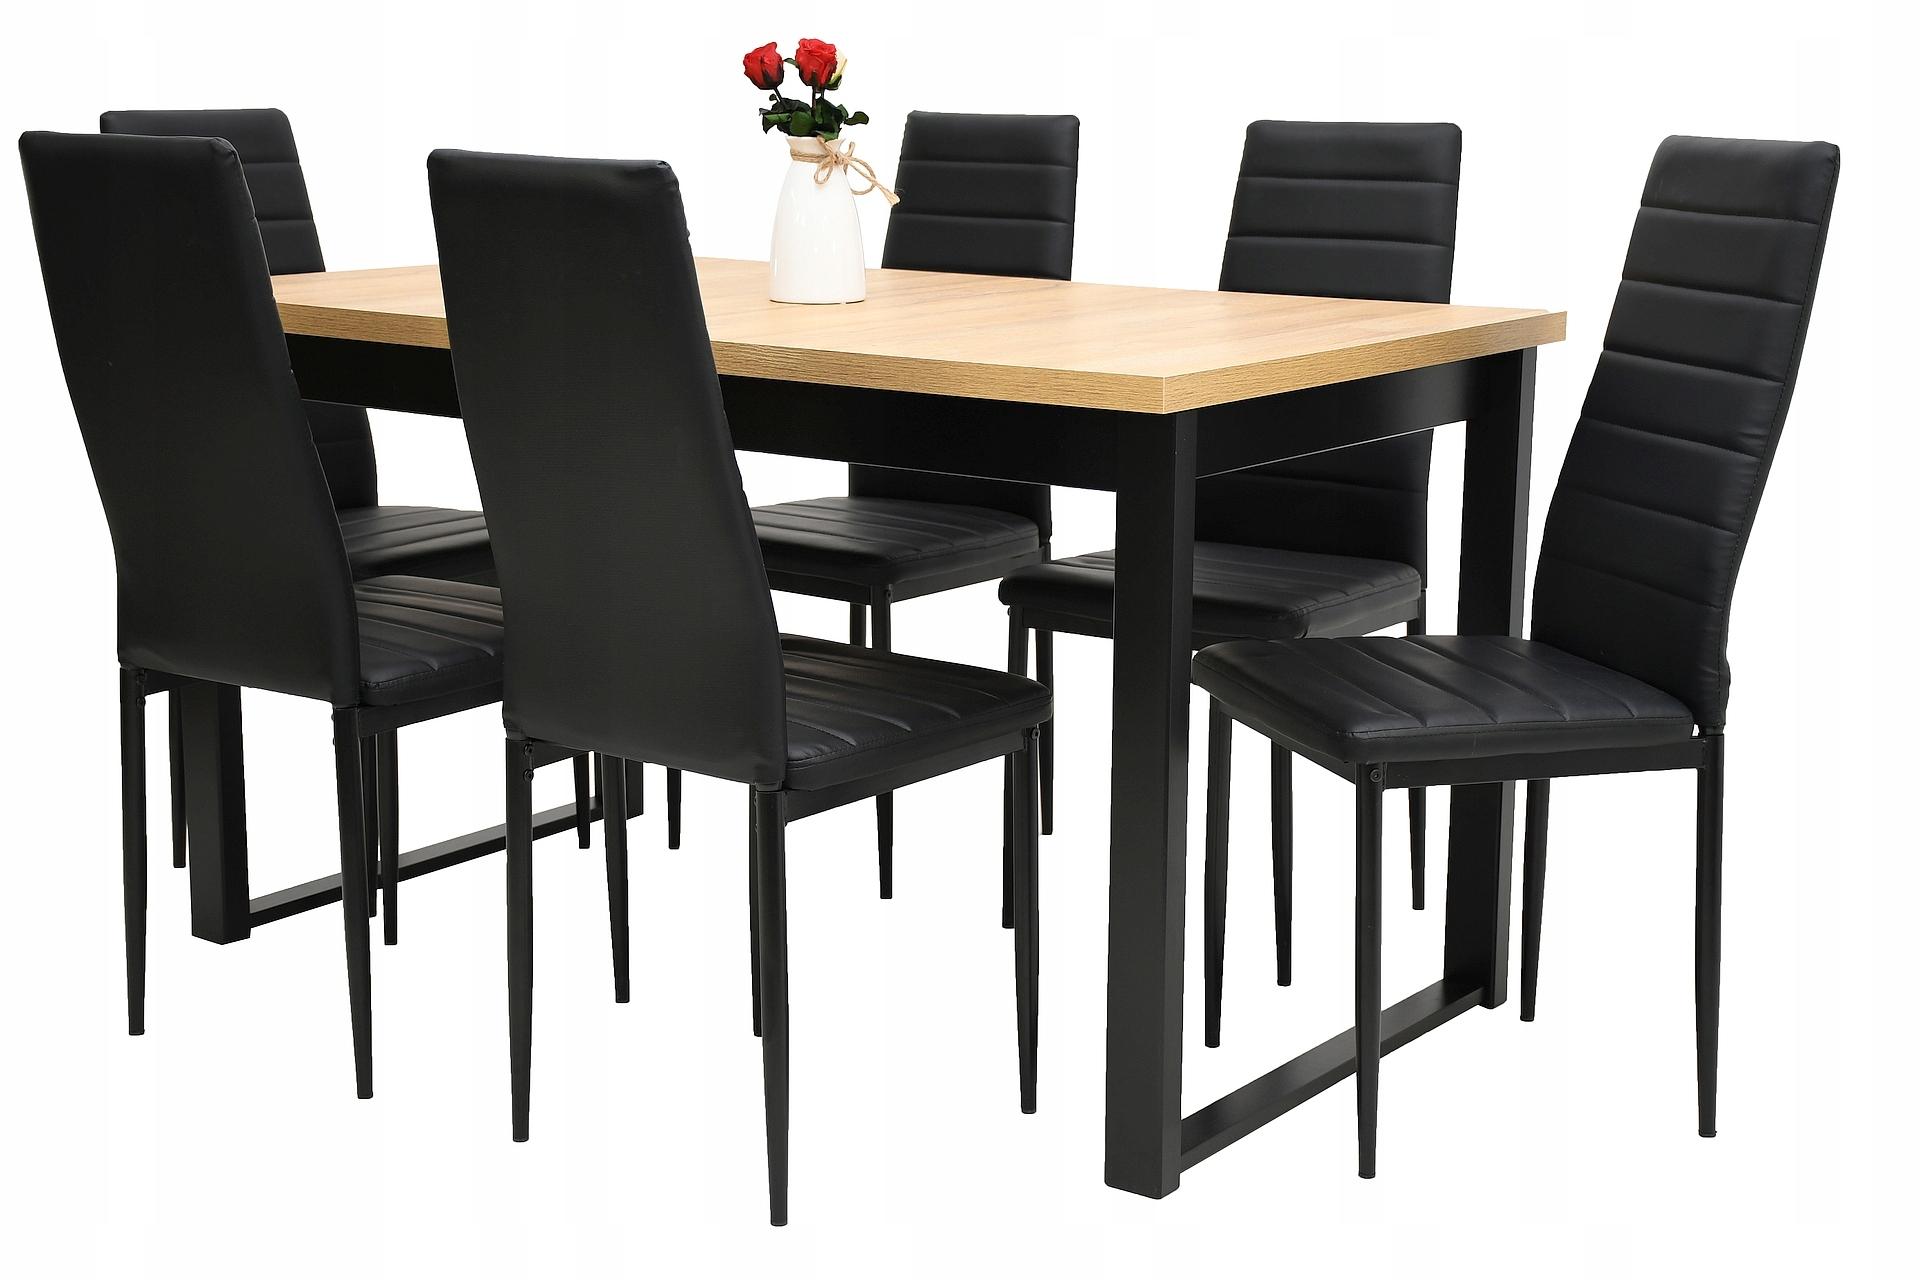 6 стульев ECO и складной стол СТОЛОВАЯ КОМПЛЕКТАЦИЯ